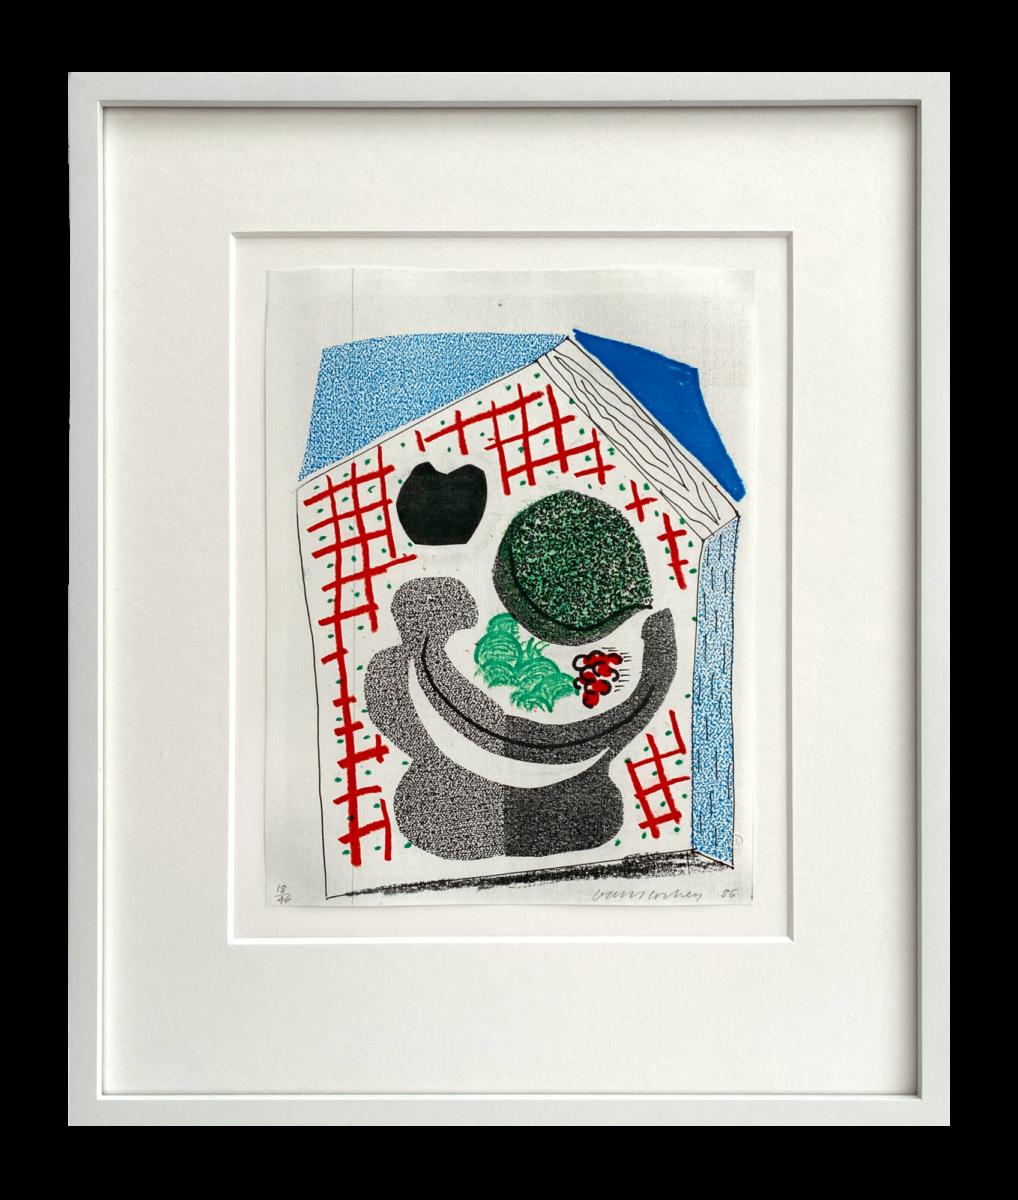 David Hockney Bowl of Fruit, framed original home made print for sale